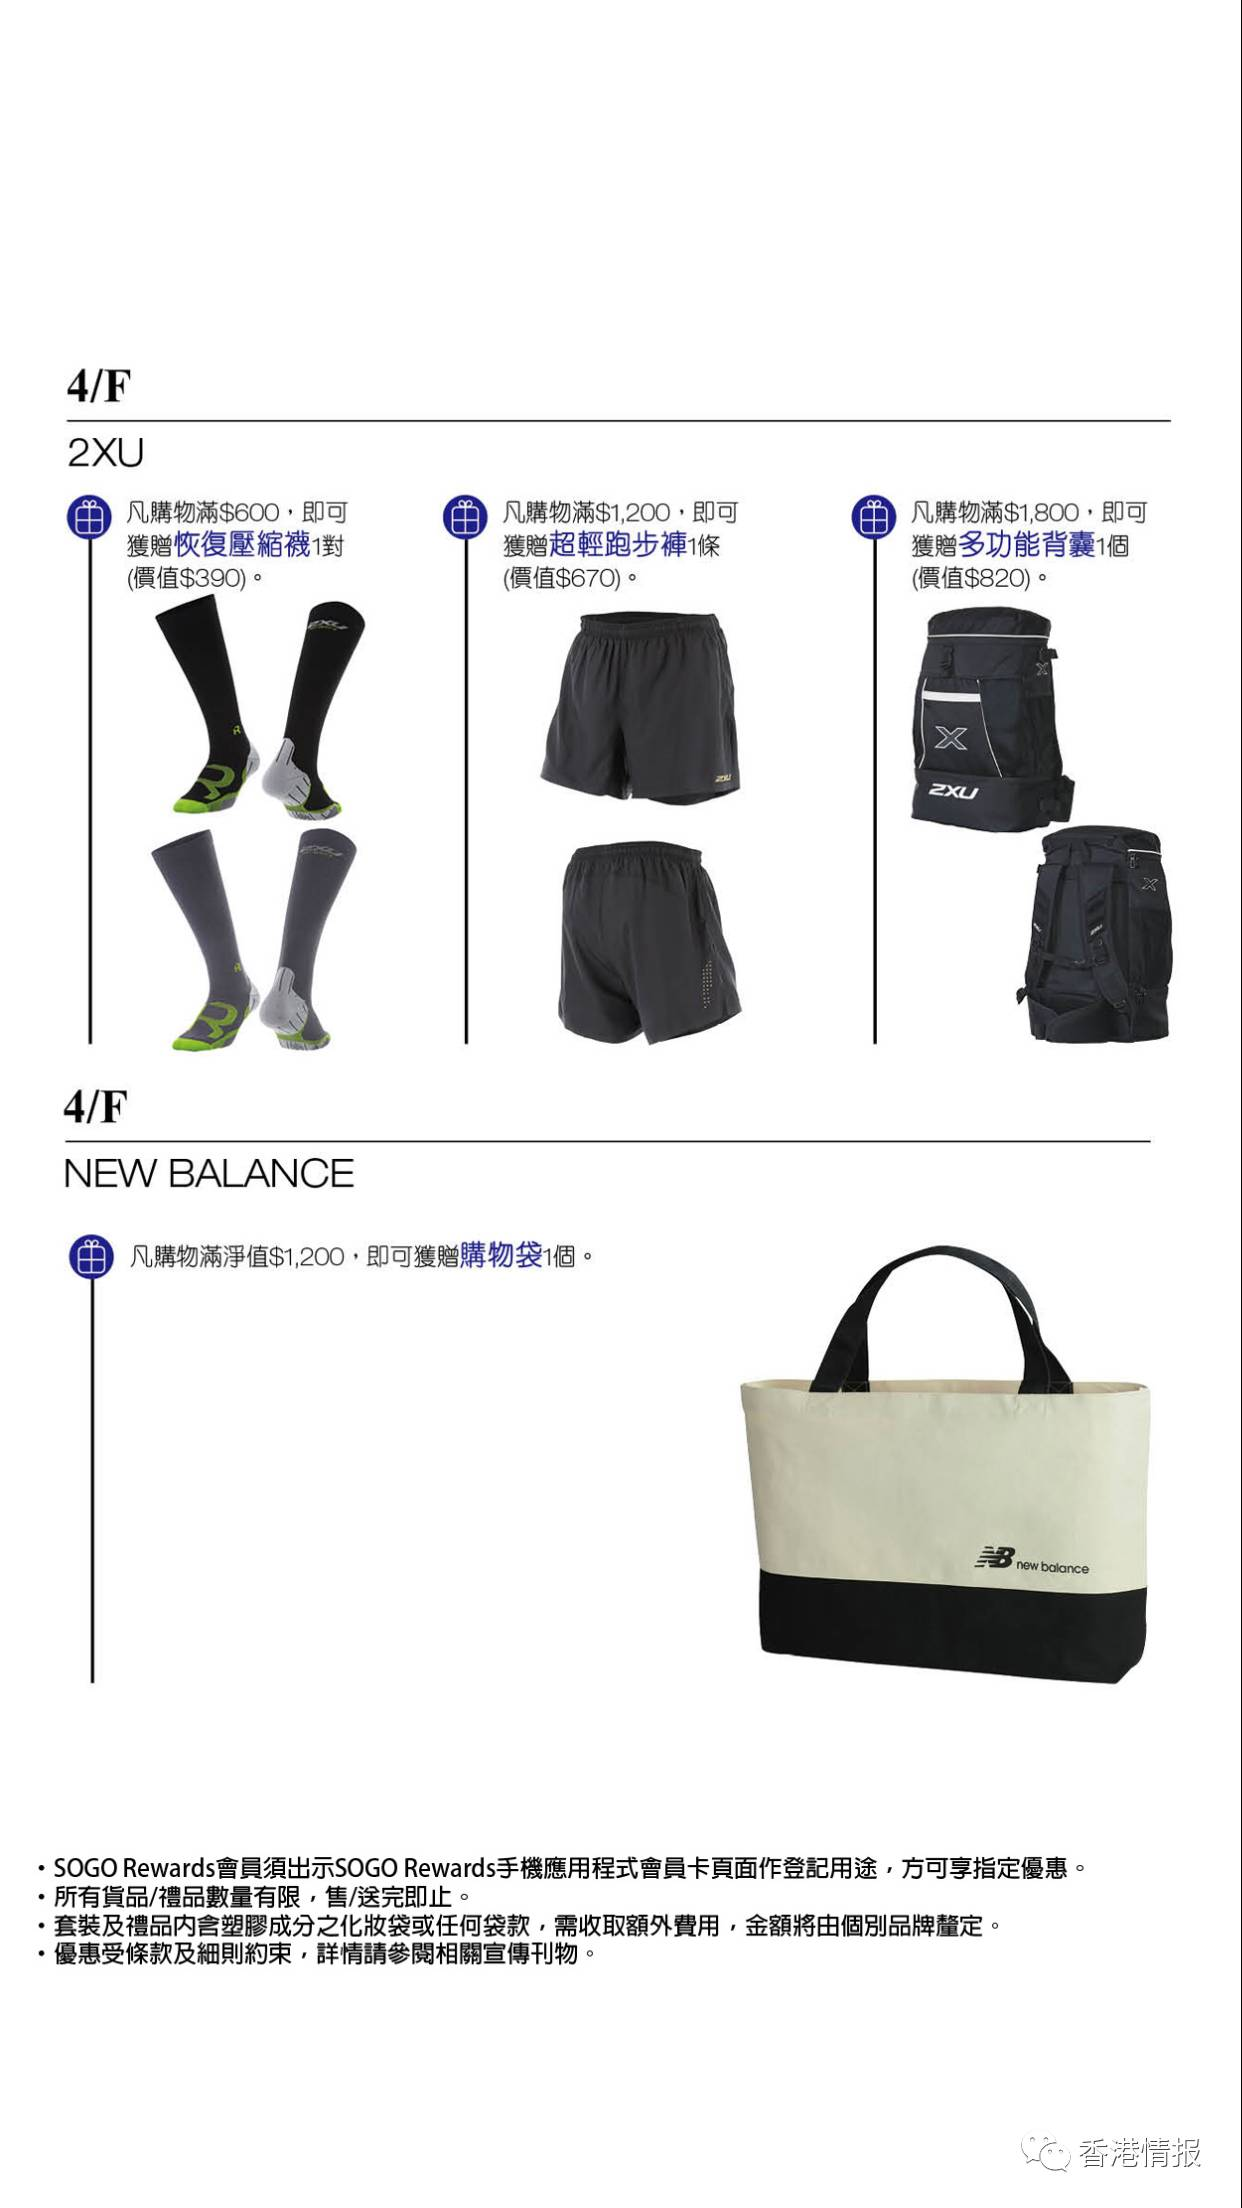 香港崇光美食(SOGO)本周最新购物优惠! 每周附近百货大三巴图片